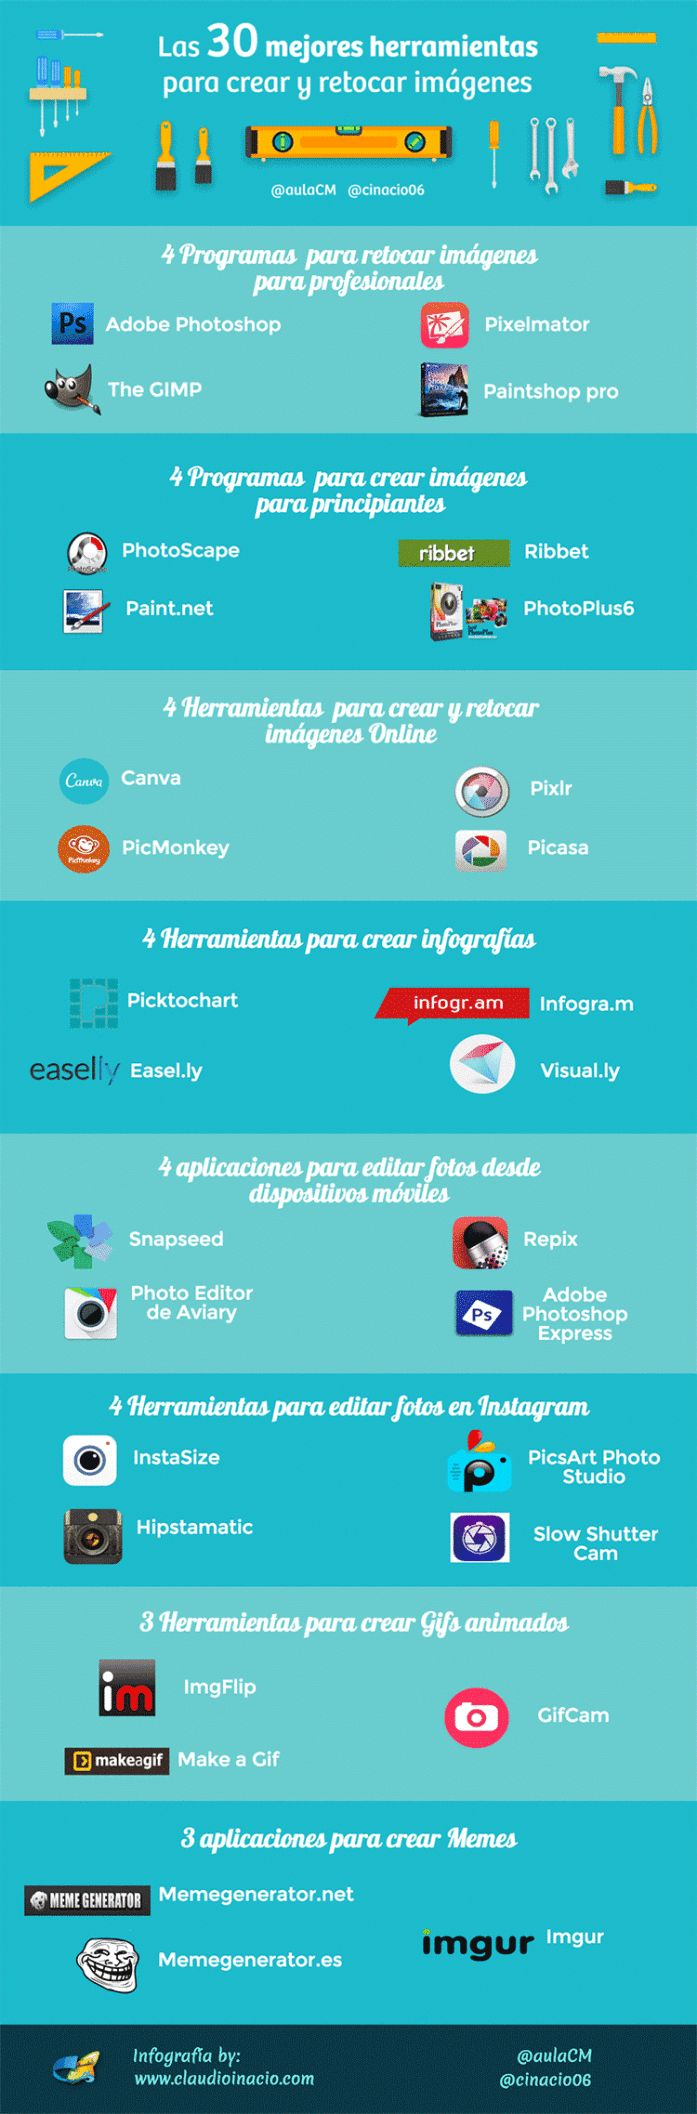 30HerramientasLíneaEditarImágenes-Infografía-BlogGesvin